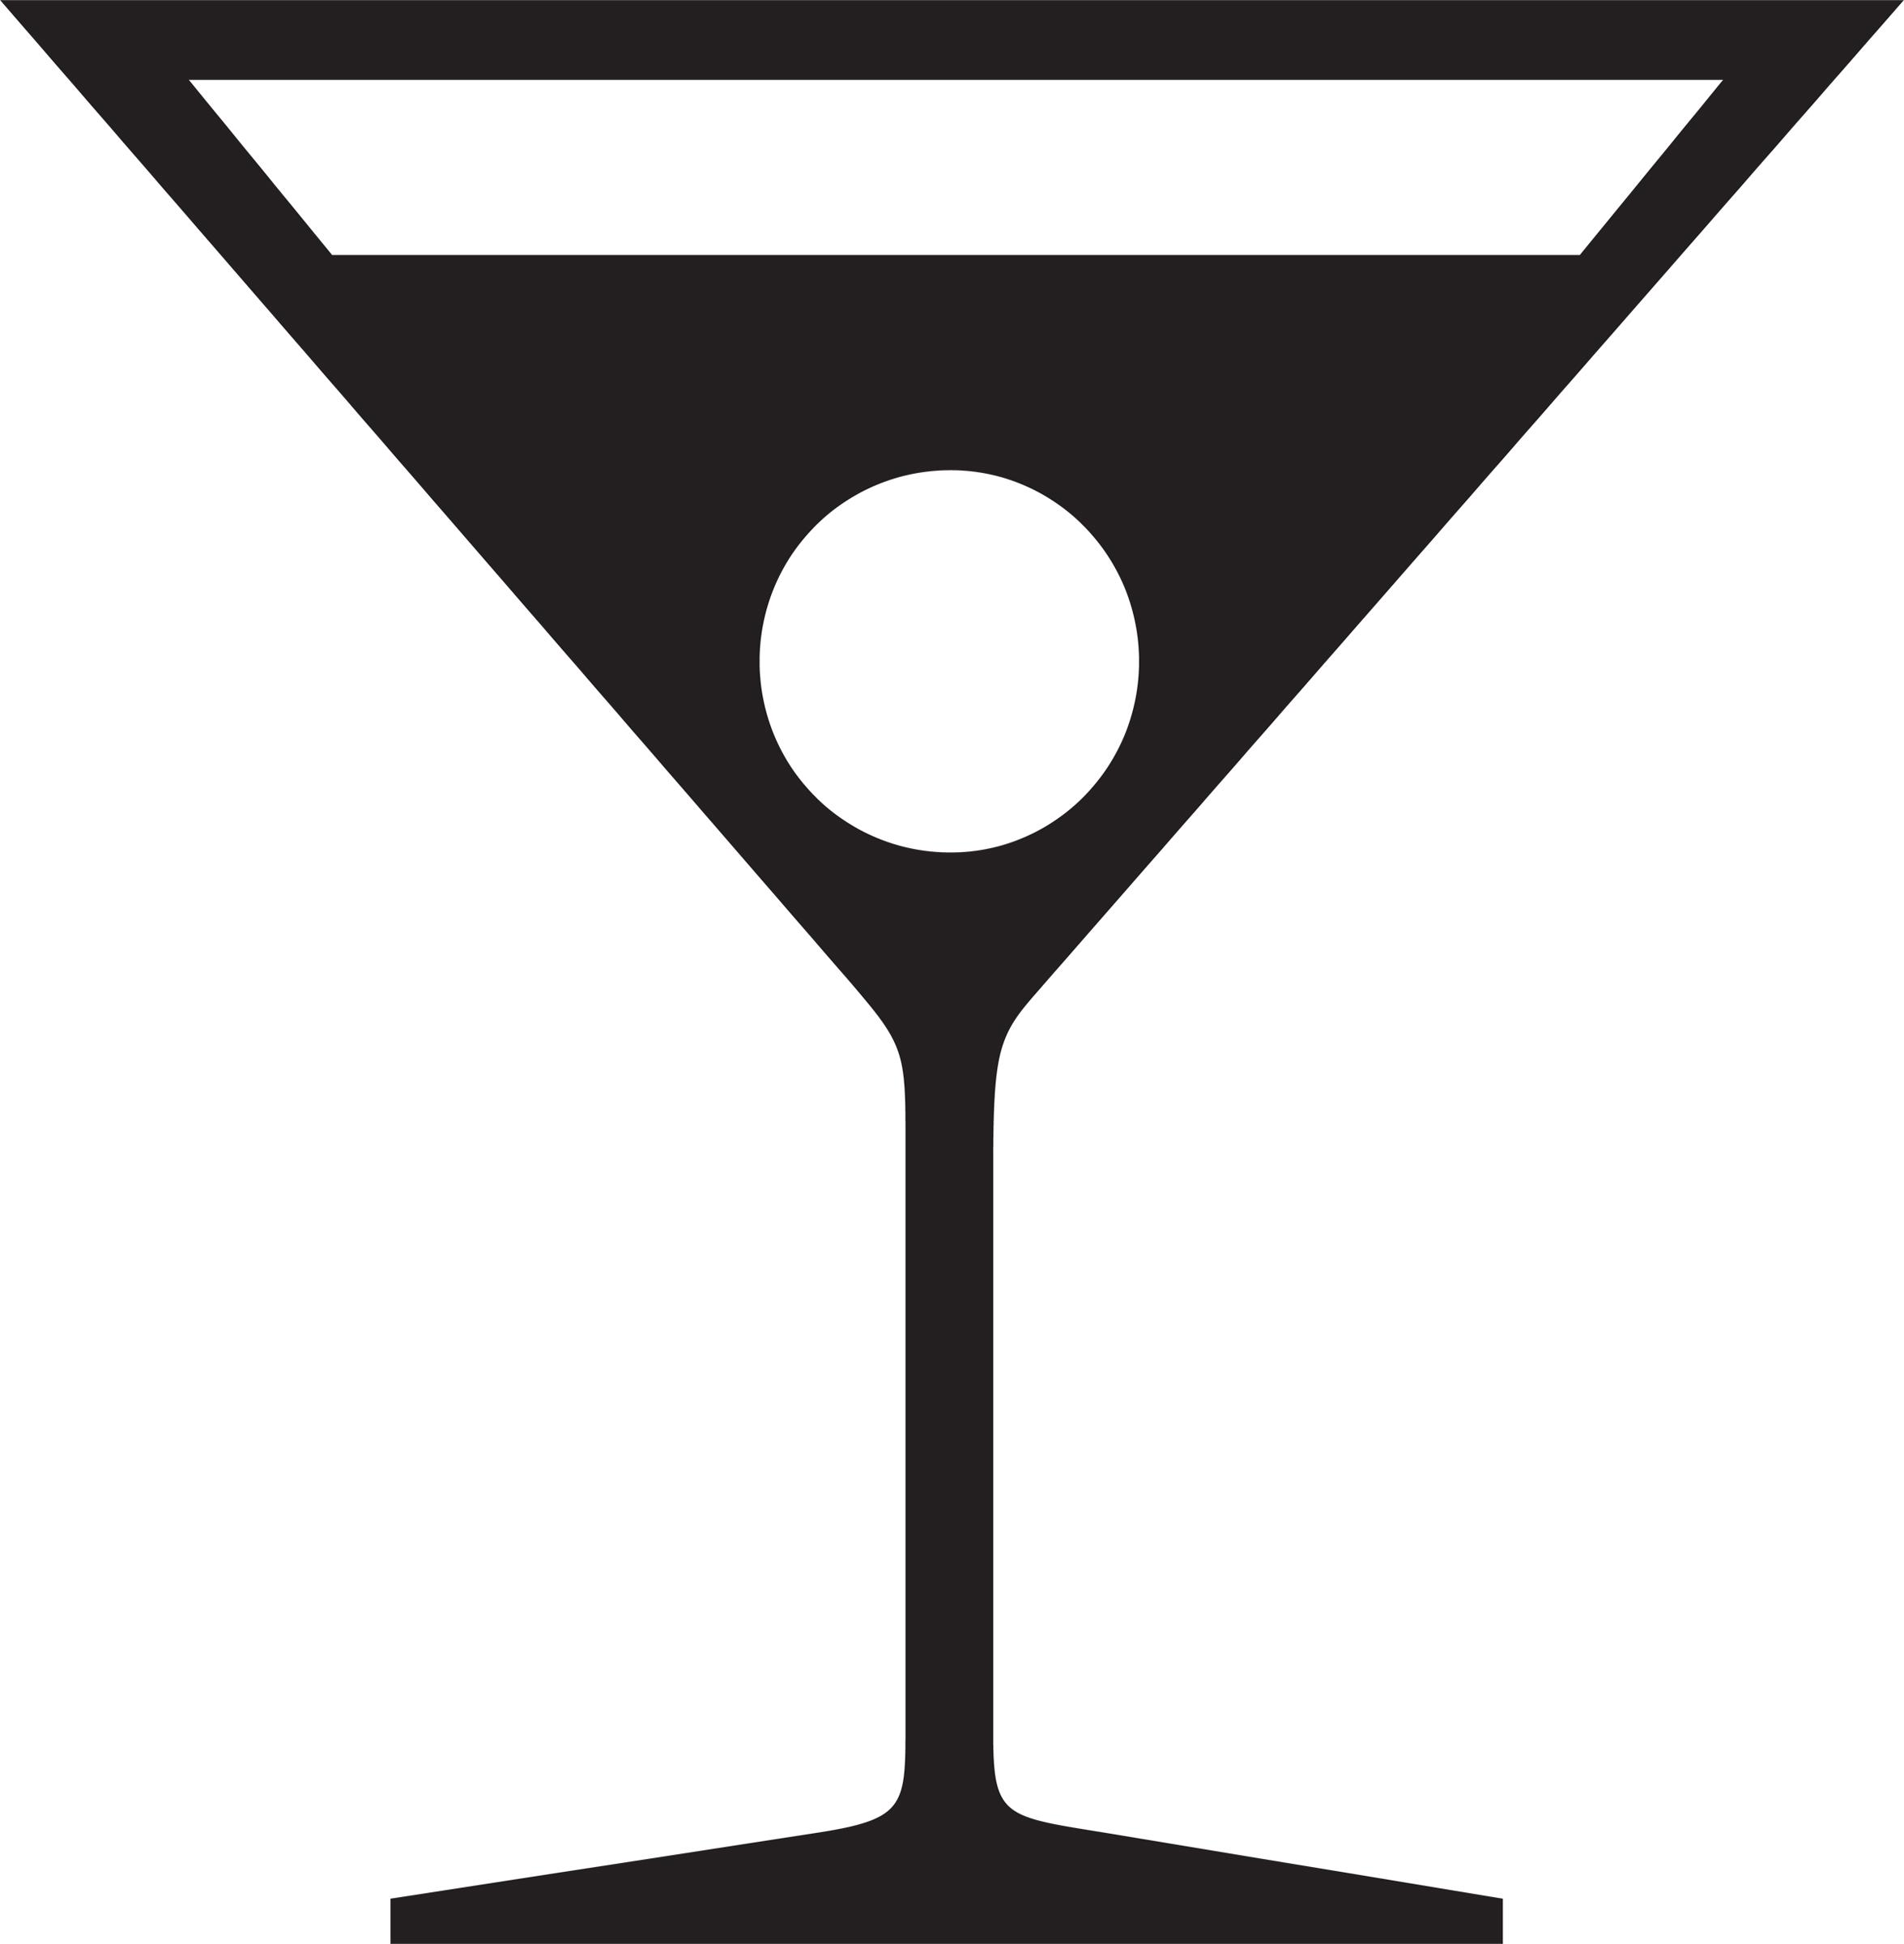 Clipart martini vector download Free Martini Cliparts, Download Free Clip Art, Free Clip Art on ... vector download